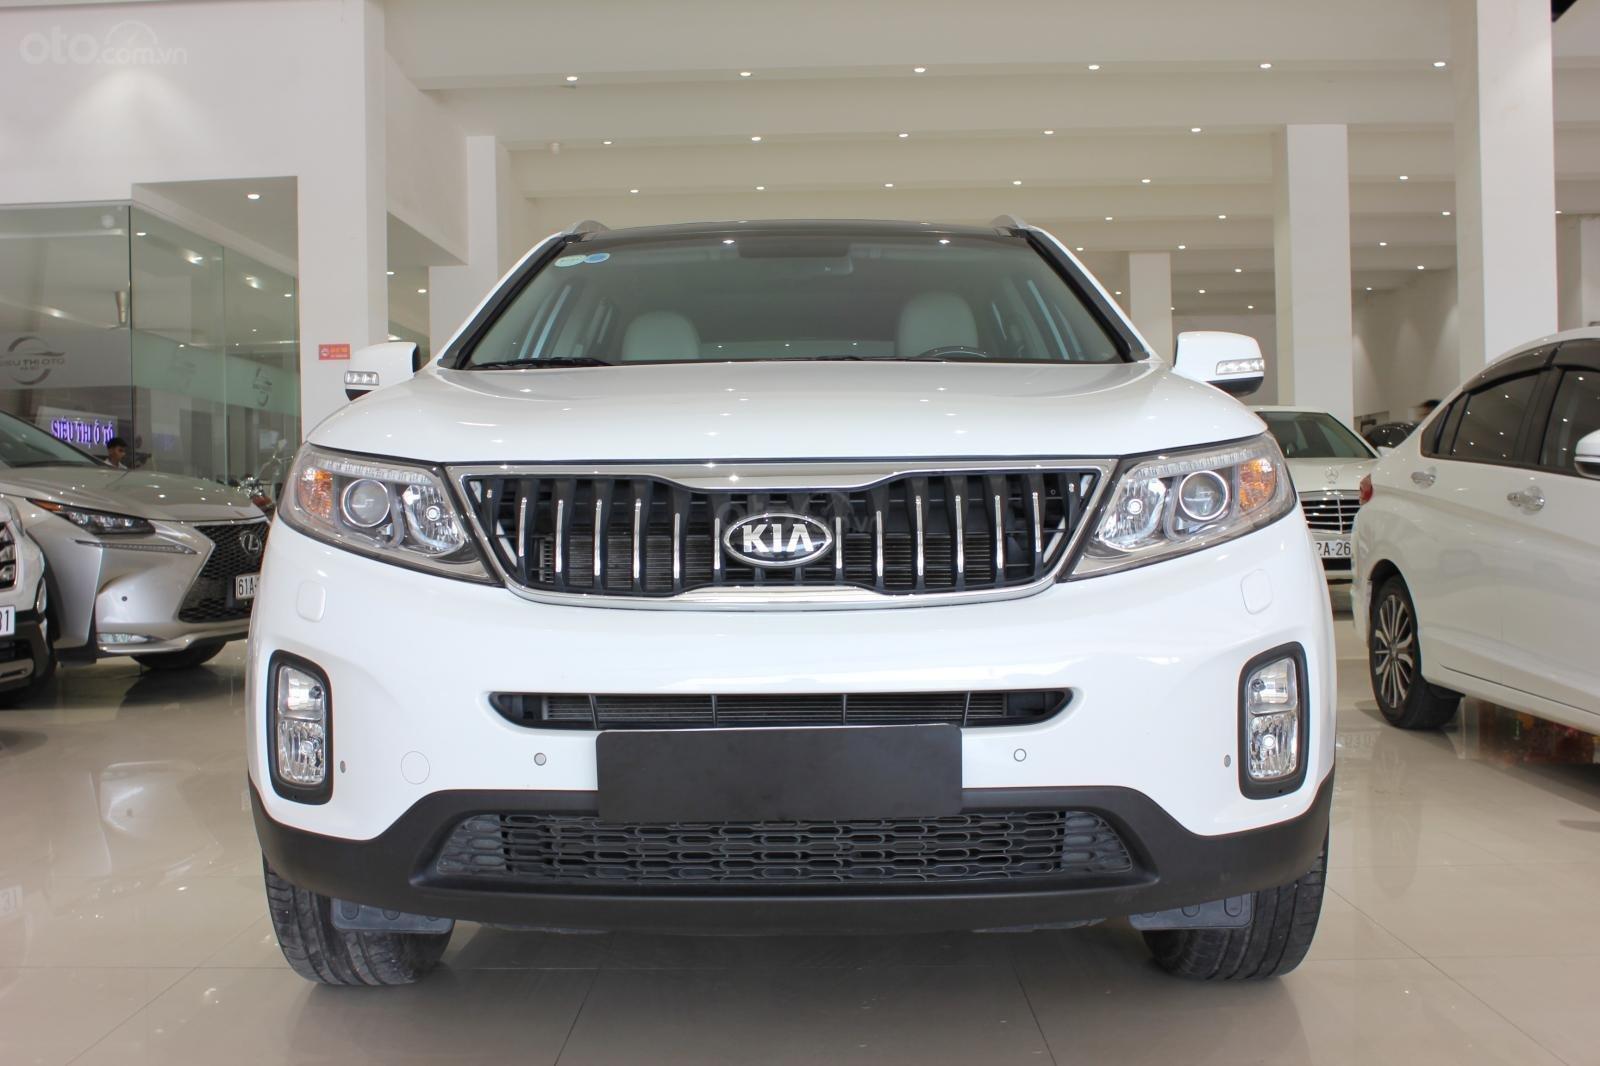 Bán xe Kia Sorento GATH 2.4AT SX 2019, màu trắng, xe đẹp, biển SG 9 nút, giá TL (1)